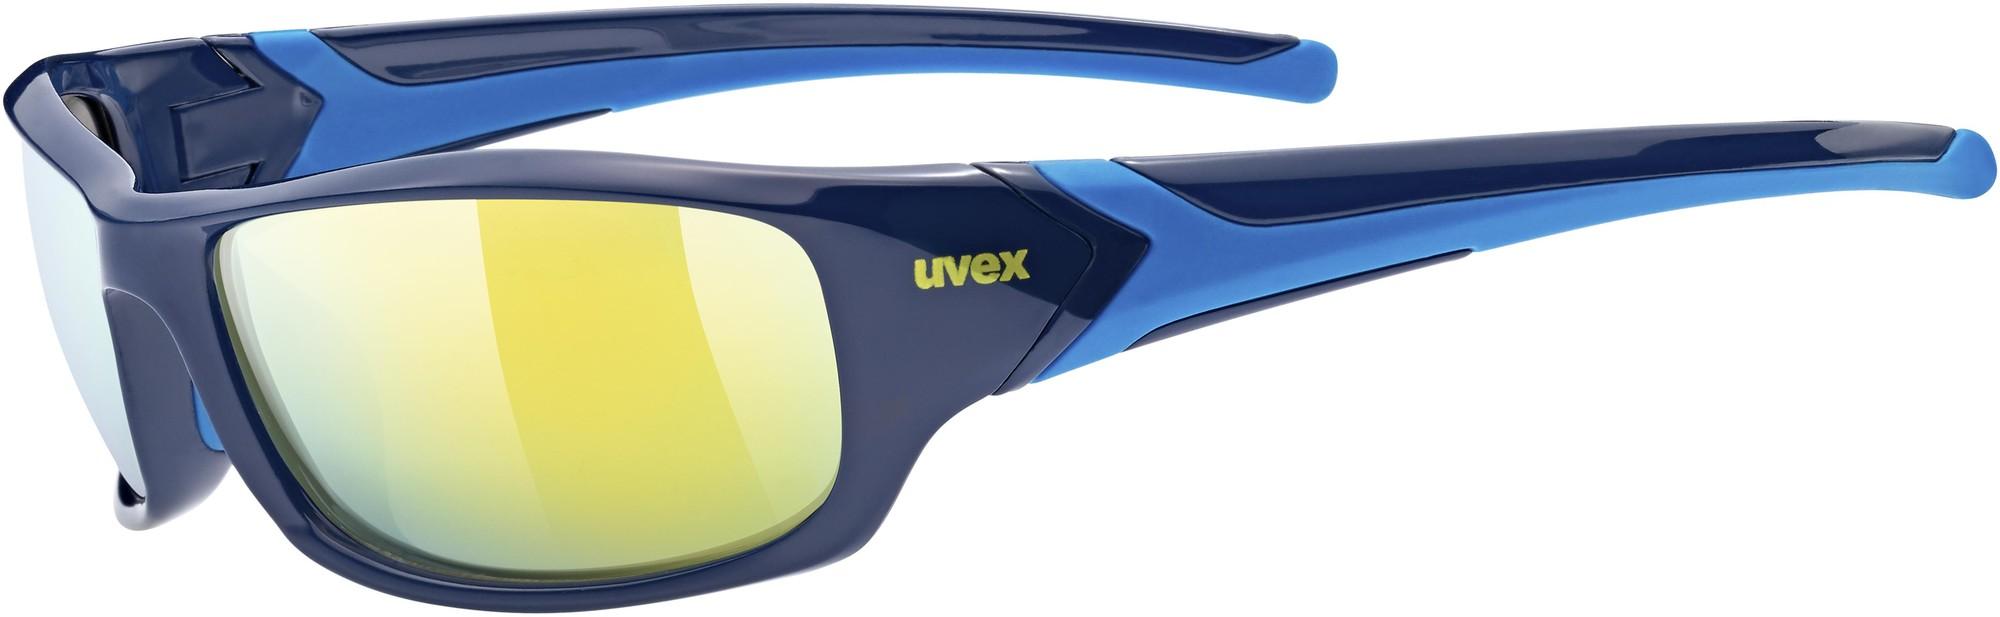 цена на Uvex Солнцезащитные очки Uvex Sportstyle 211